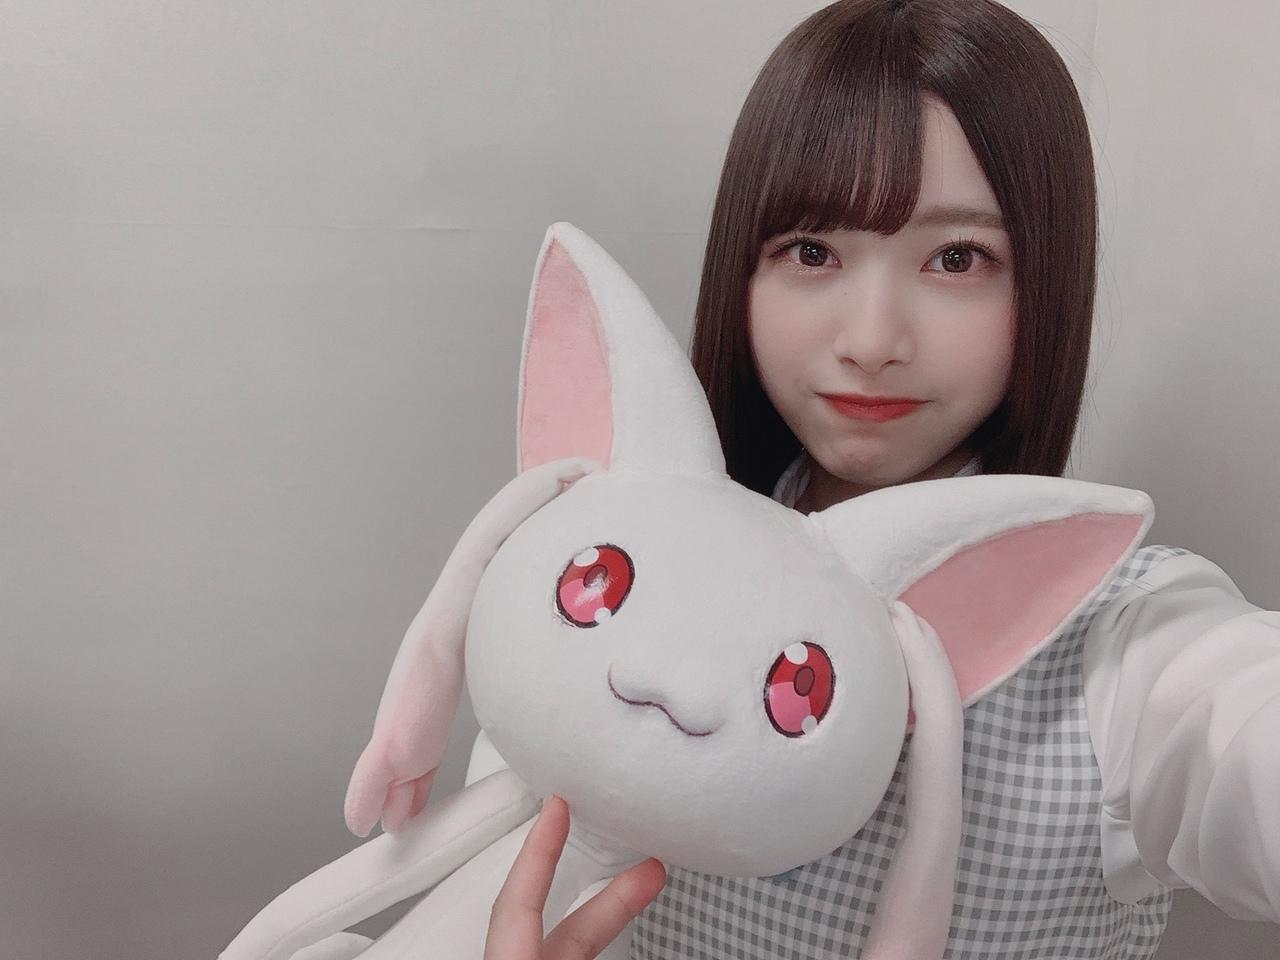 日向坂46メンバーブログまとめ2019年7月3日